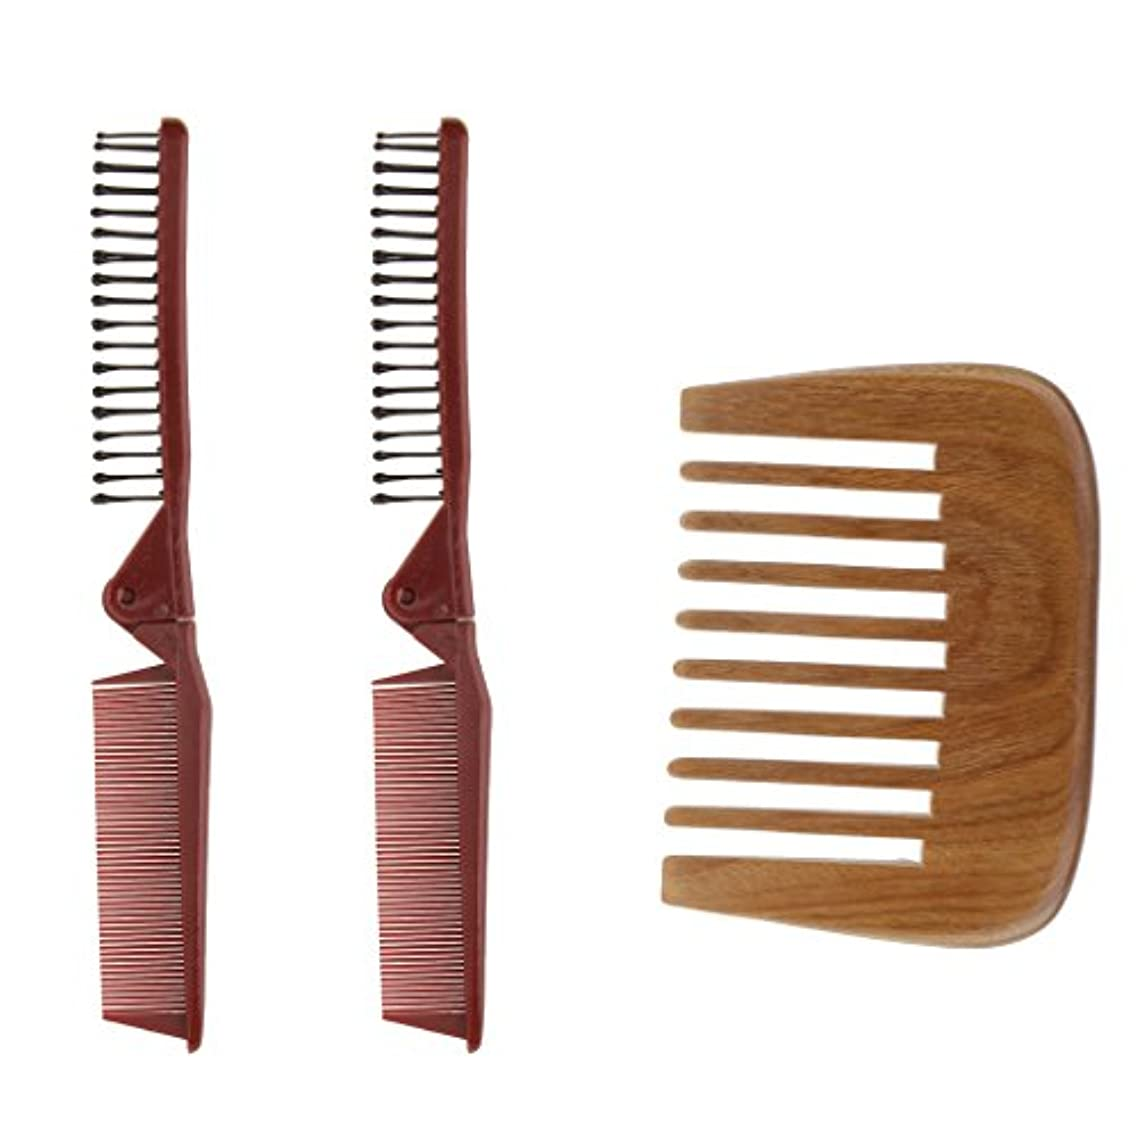 石鹸父方のヒットCUTICATE 3帯電防止髪くしセット理髪折りたたみブラシスタイリングポケット旅行